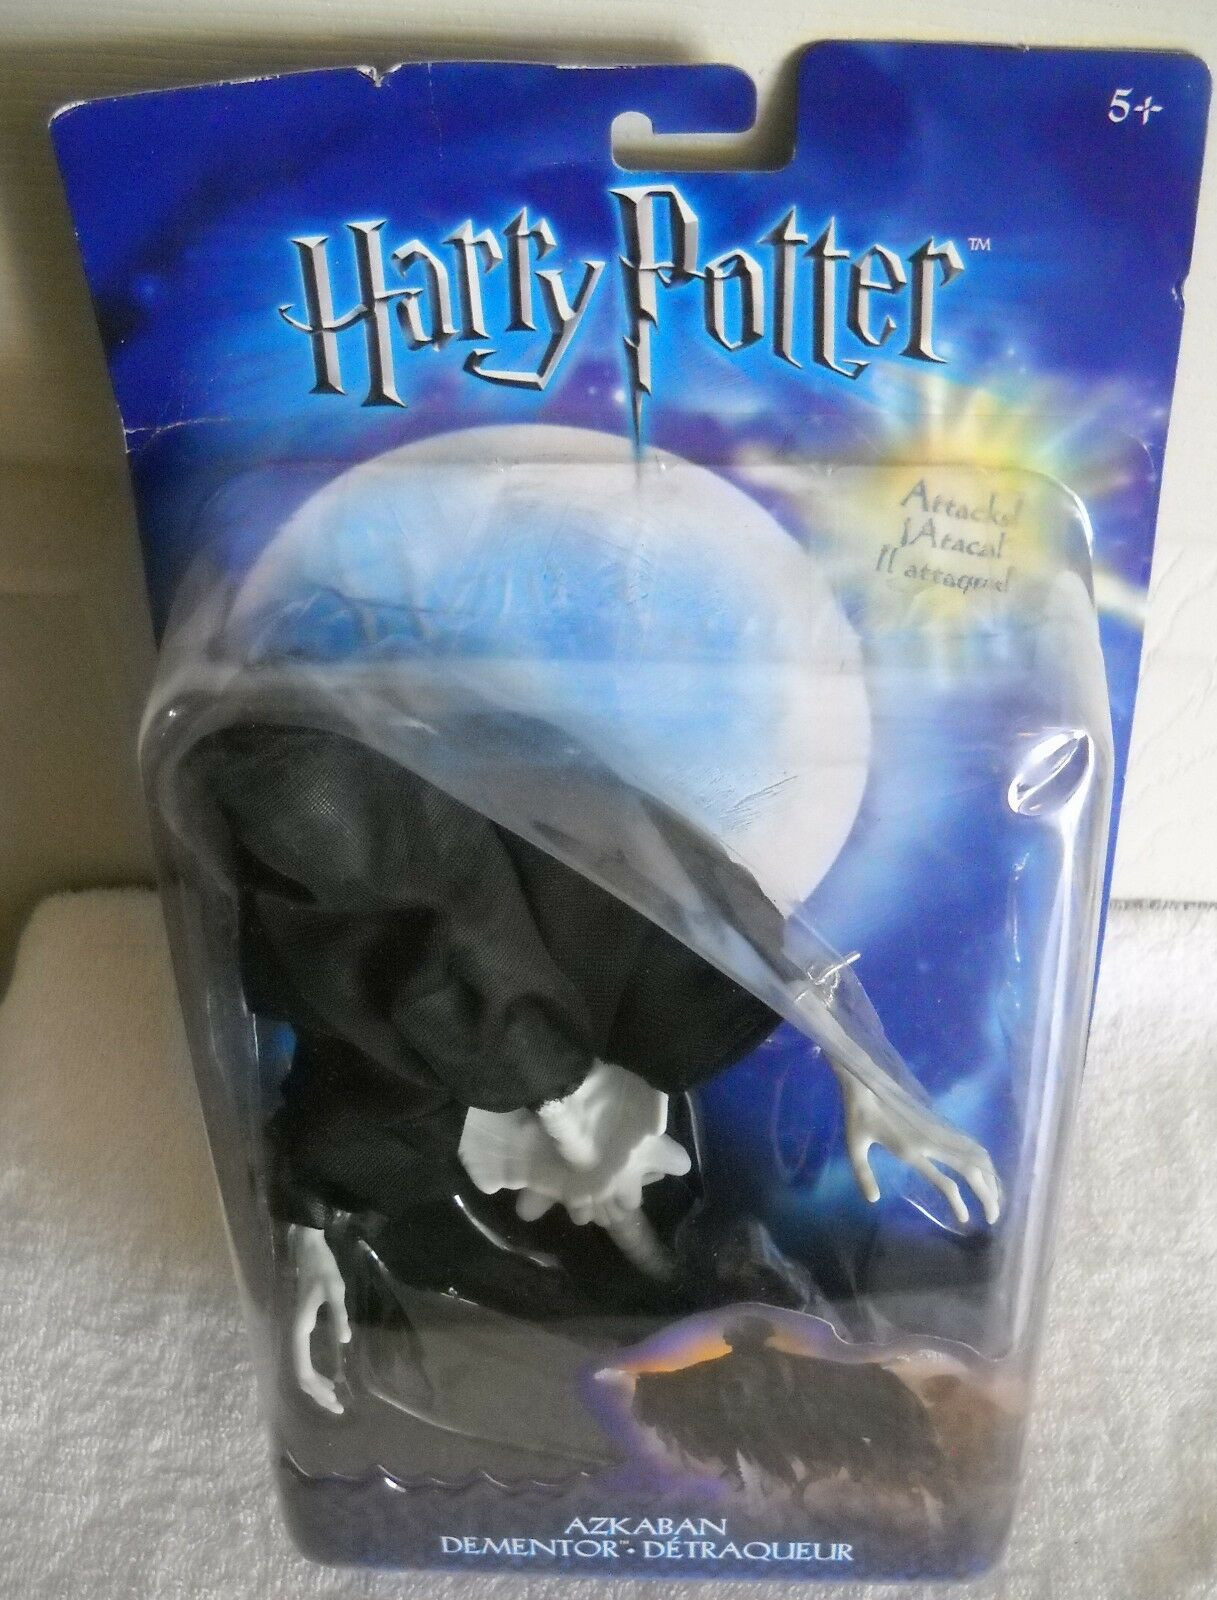 9190 NRFC Mattel Harry Potter Azkaban Dementor Figure